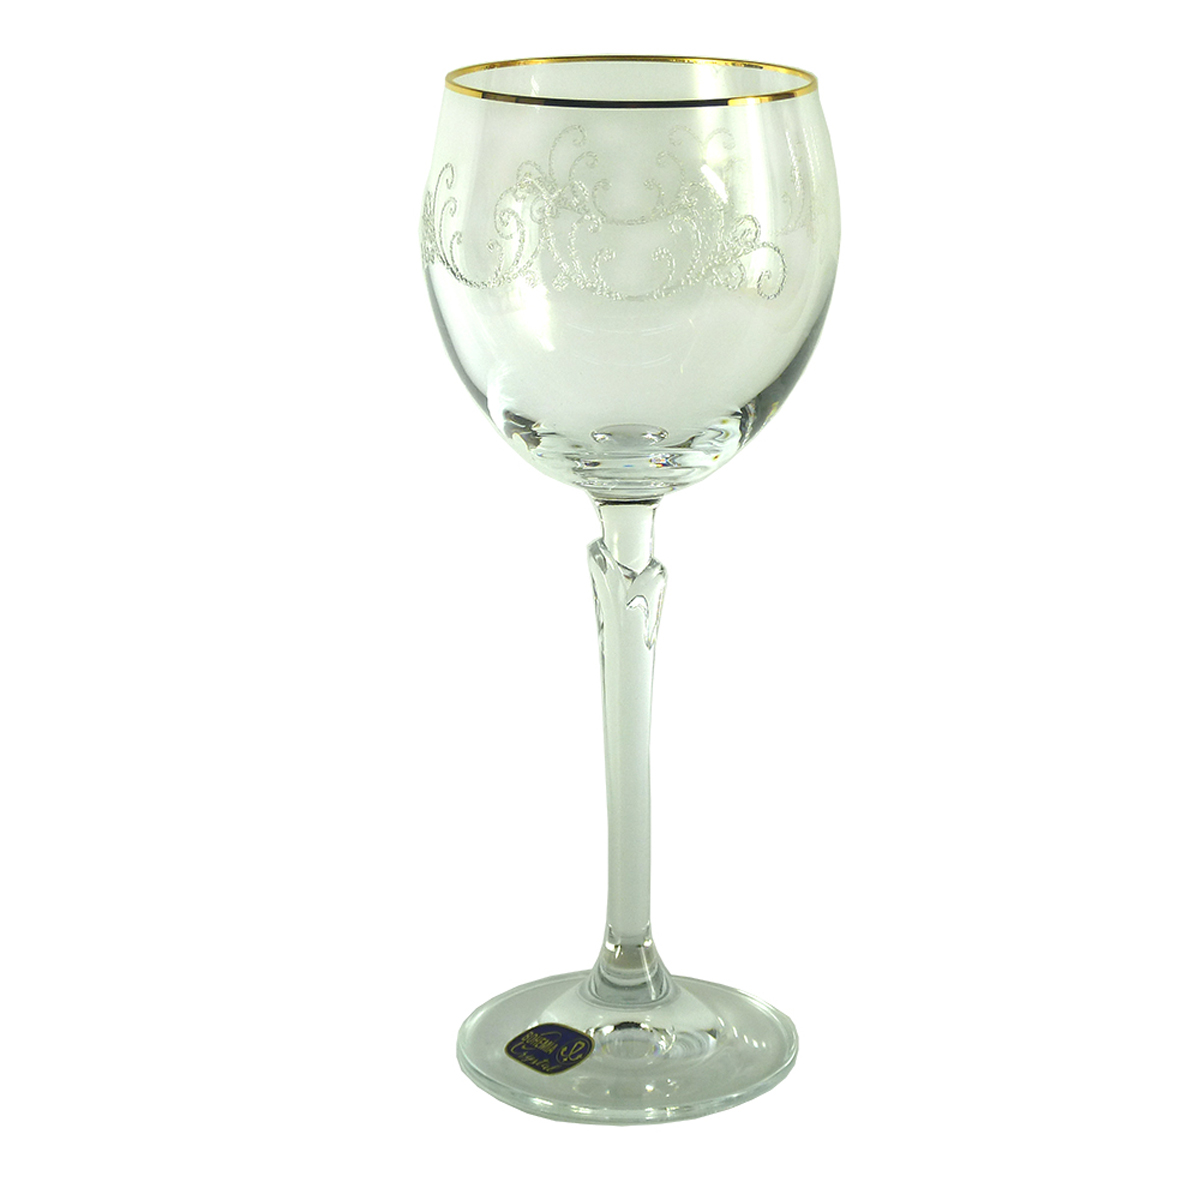 """Набор бокалов для вина Bohemia Crystal коллекции """"Бриджита"""" изготовлен из хрустального высококачественного богемского стекла, славящегося своим высоким качеством. Бокалы декорированы золотой отводкой и узором """"Кружева"""" и выполнены на ножке с дизайном в виде стебля растения. Коллекция """"Бриджита"""" - это изысканный дизайн для особенной сервировки стола. Объем бокала 200 мл. Количество в упаковке 6 шт."""